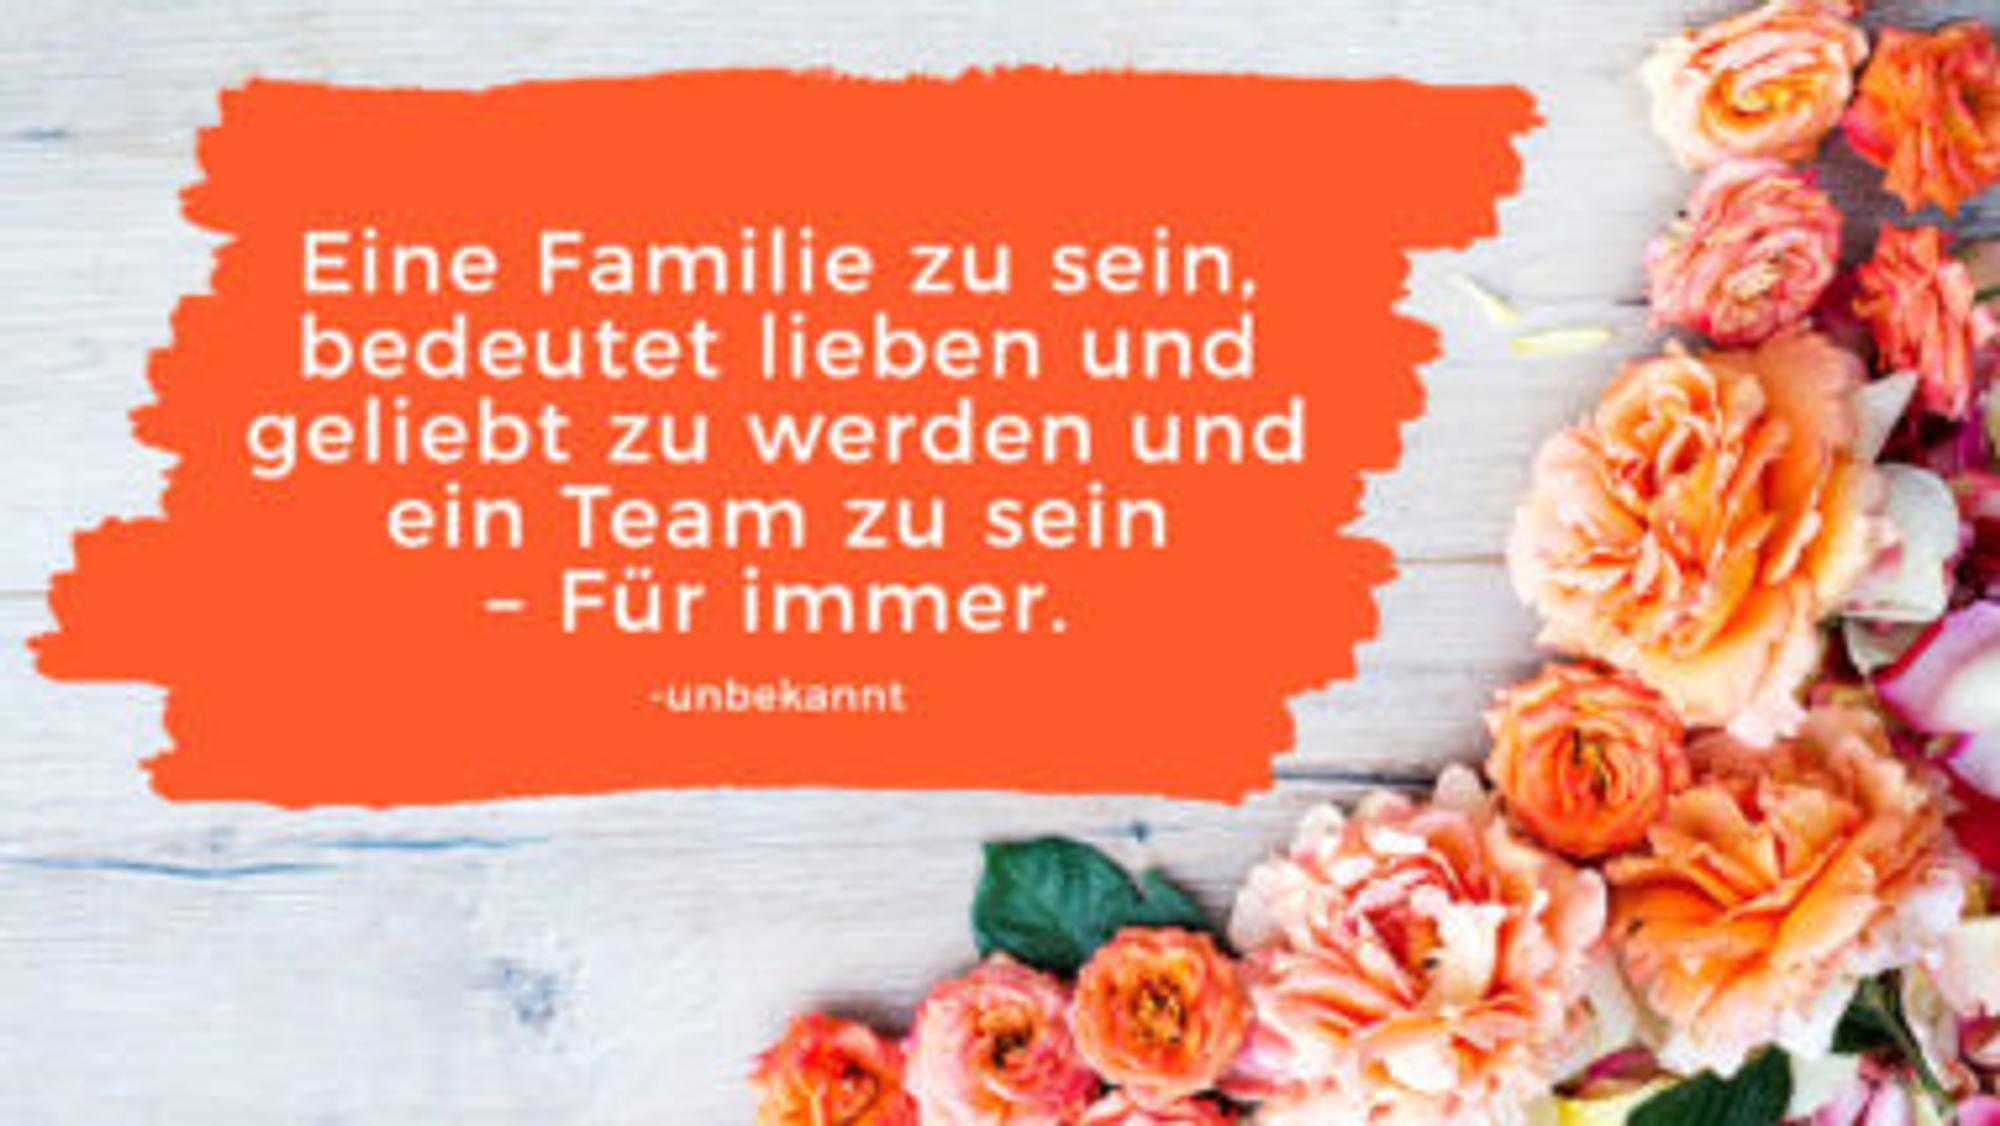 Familie-Sprüche: Lieben und geliebt werden